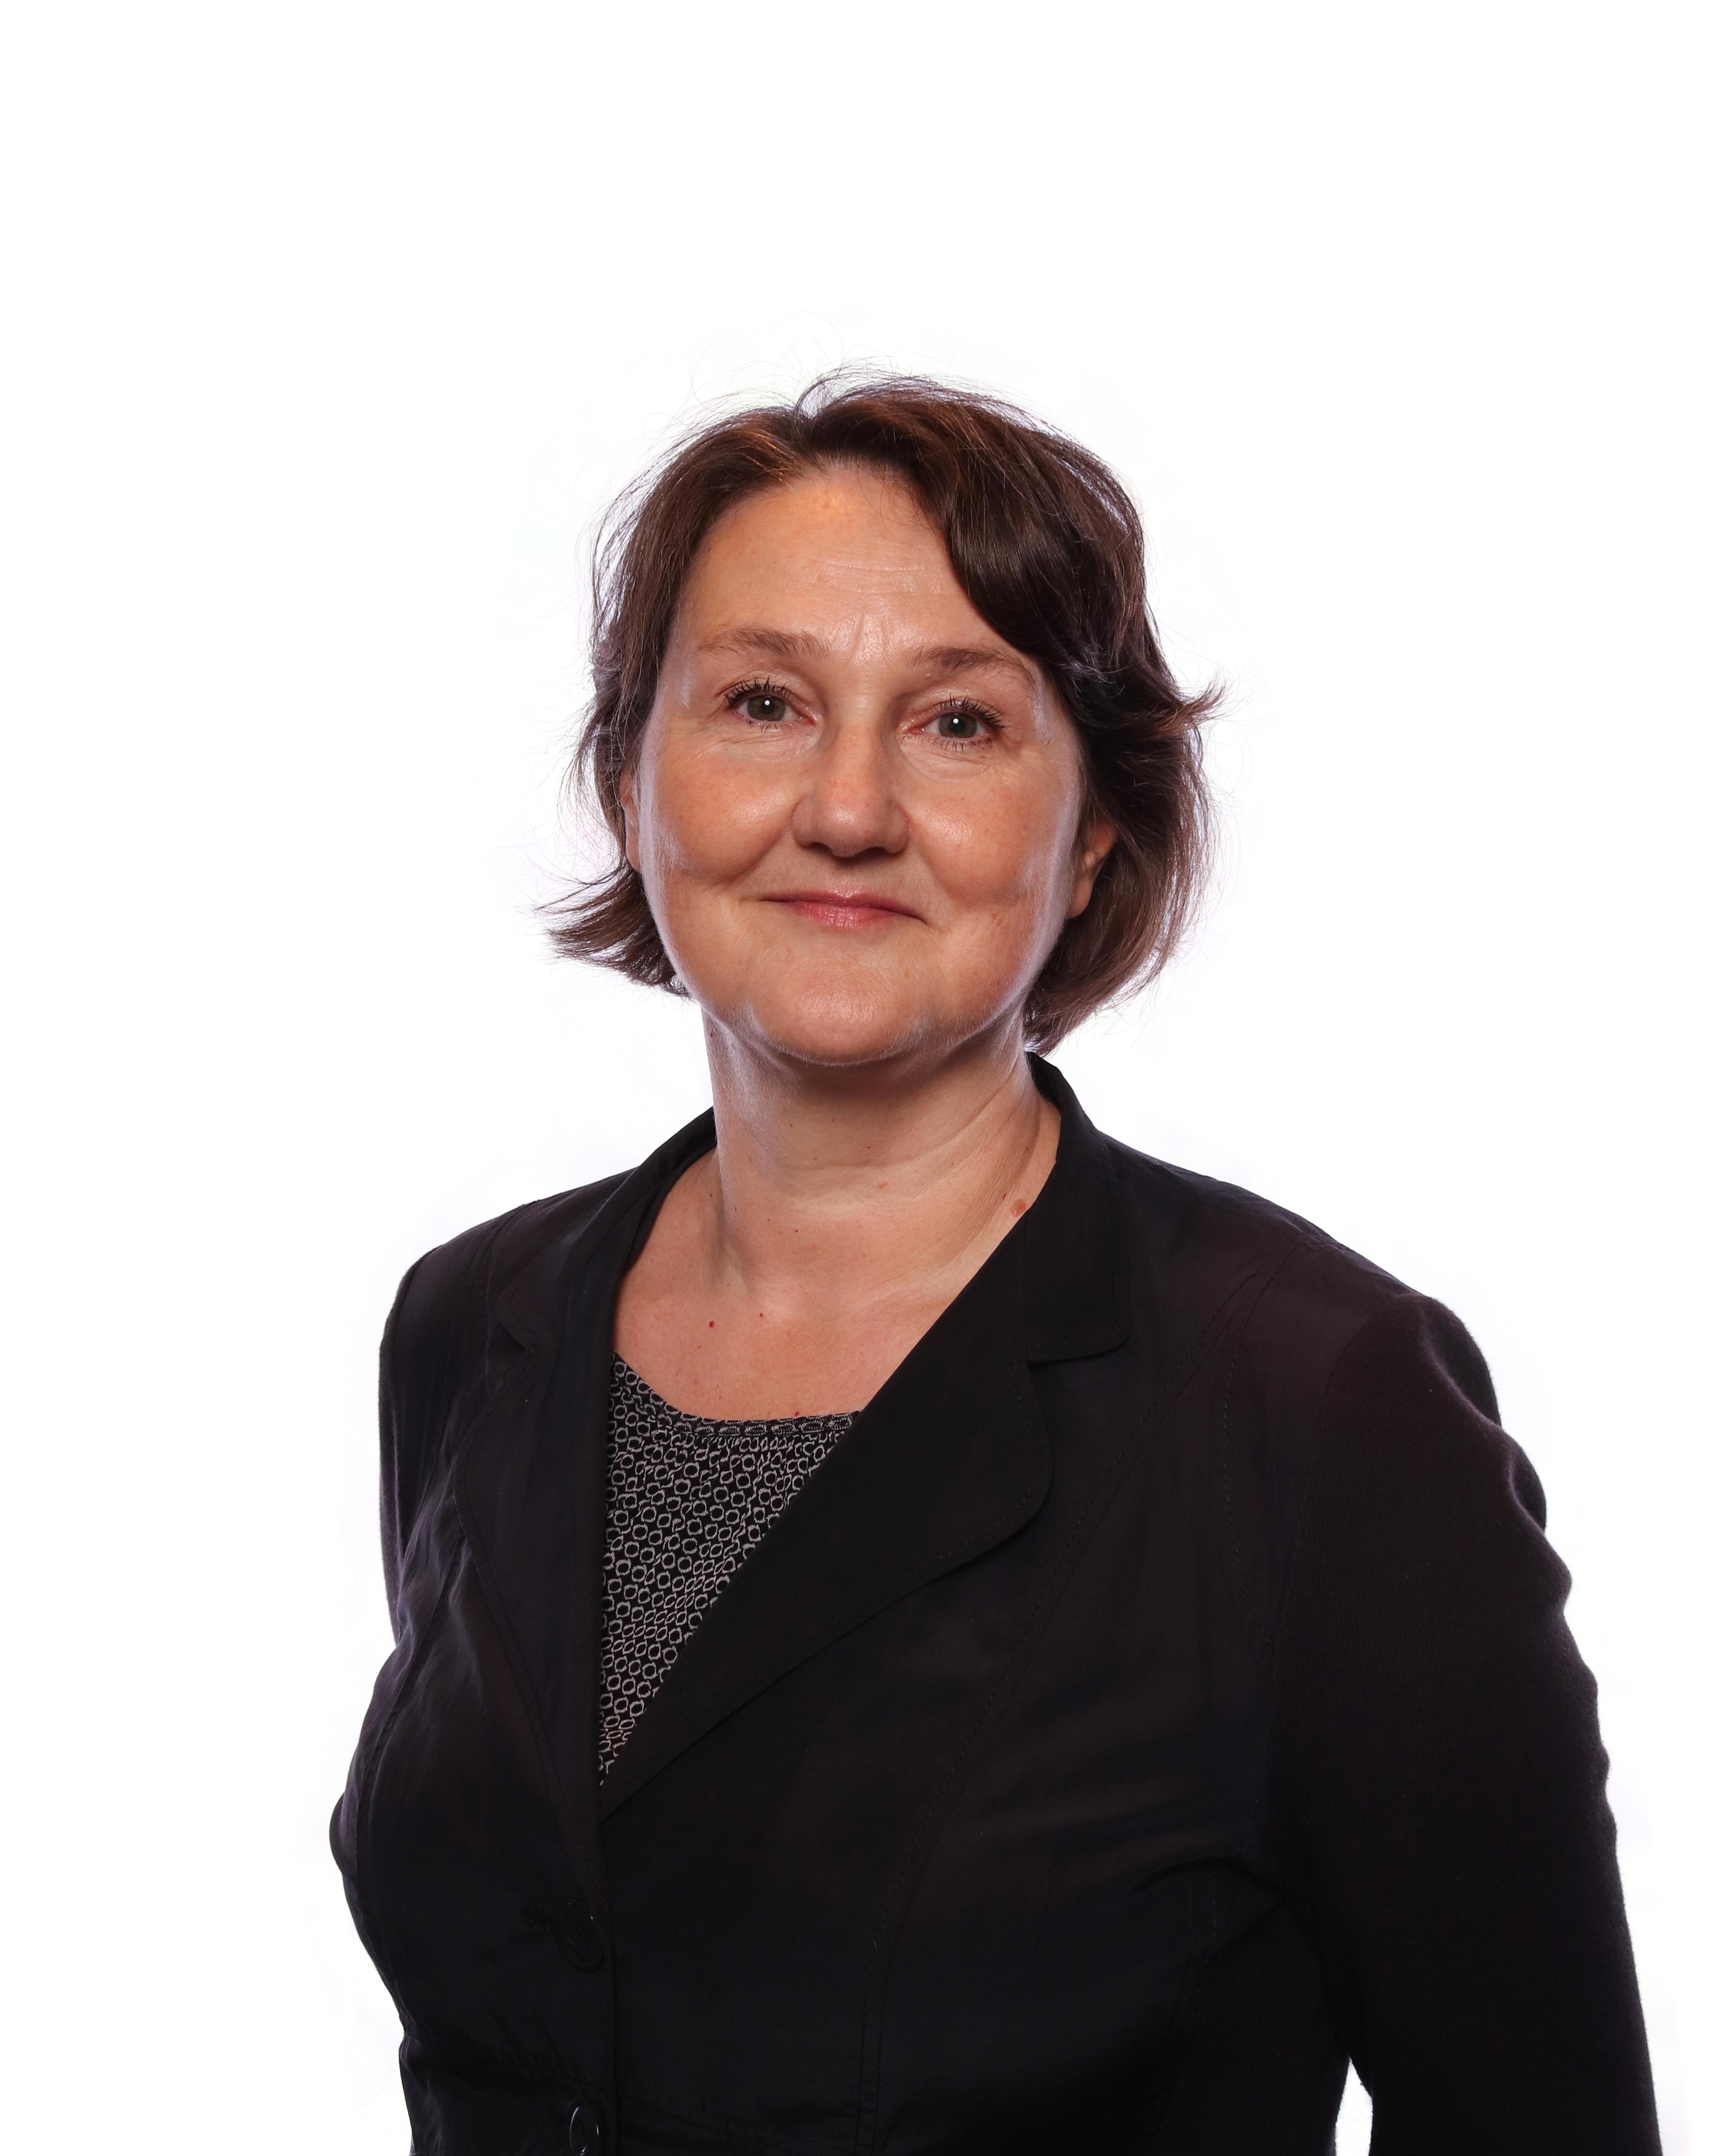 Ulla Tiililä, erityisasiantuntija, Kotimaisten kielten keskus